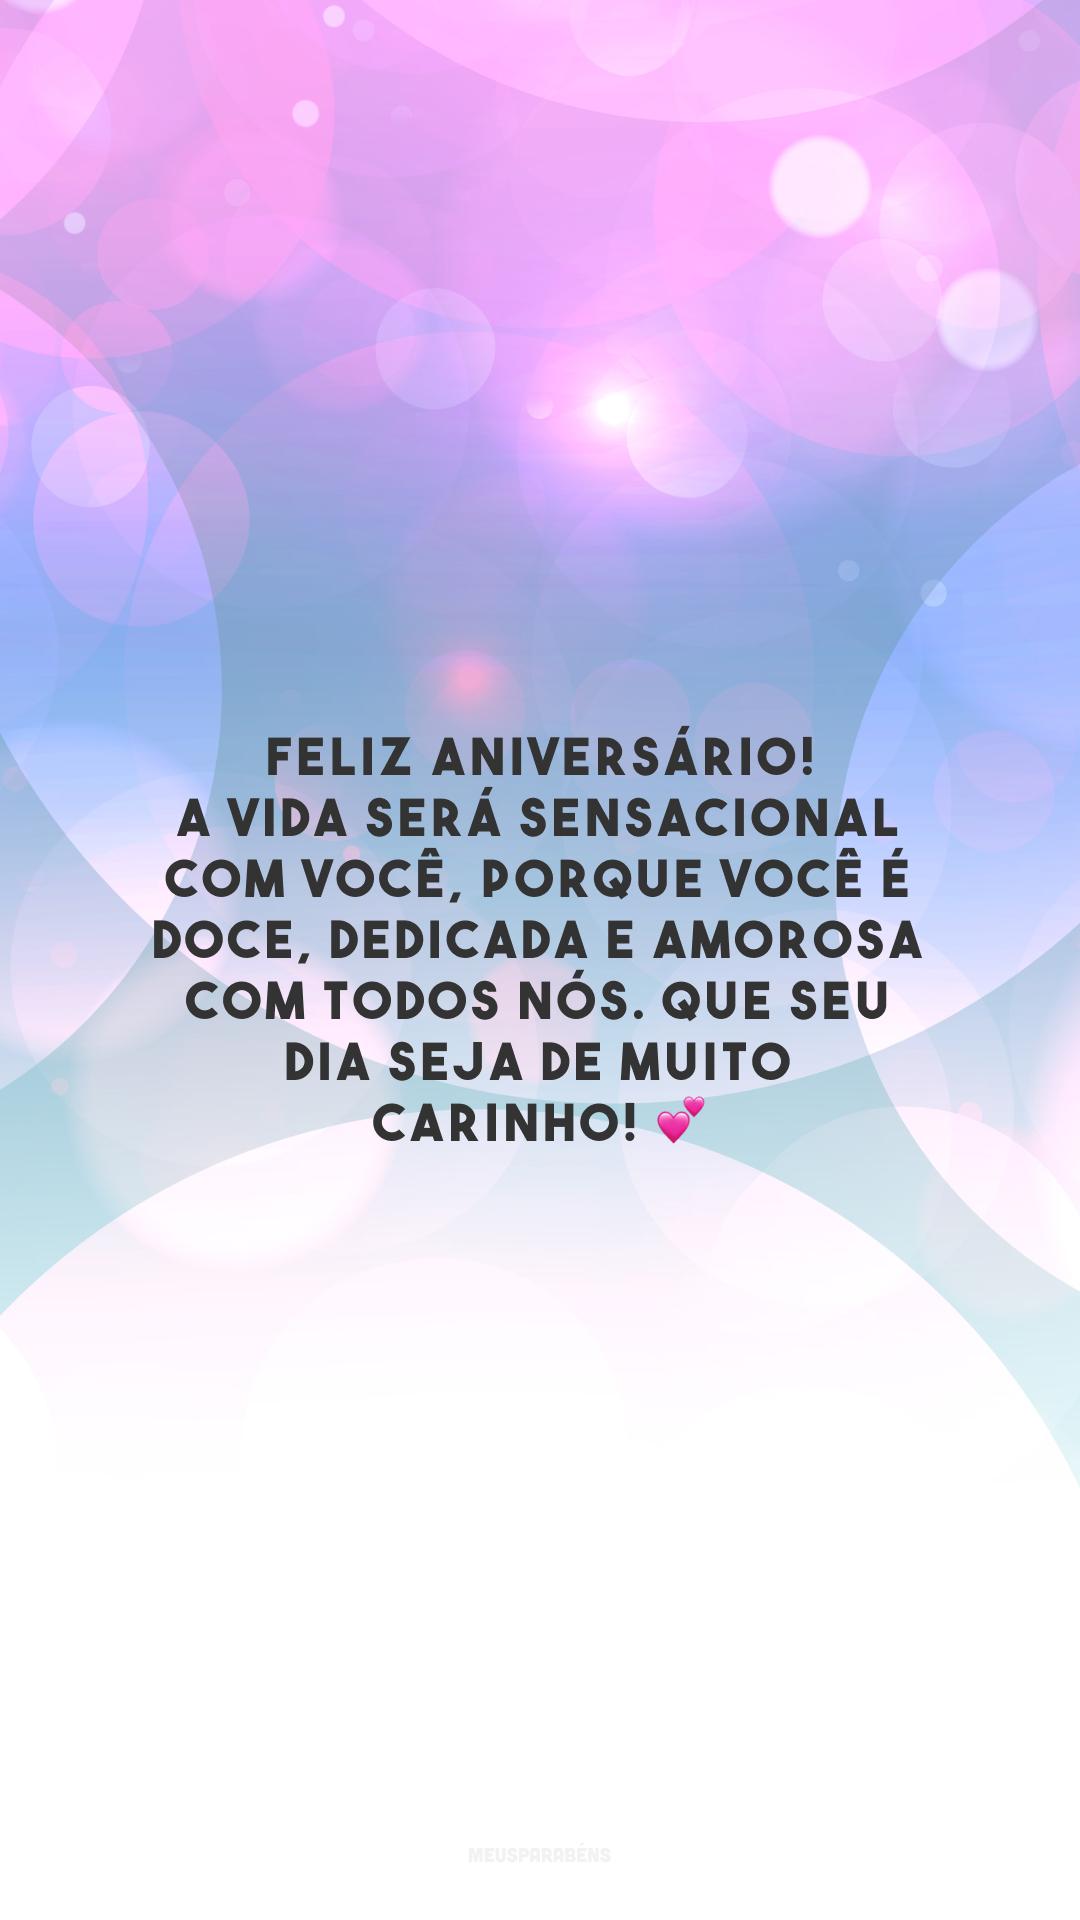 Feliz aniversário! A vida será sensacional com você, porque você é doce, dedicada e amorosa com todos nós. Que seu dia seja de muito carinho! 💕